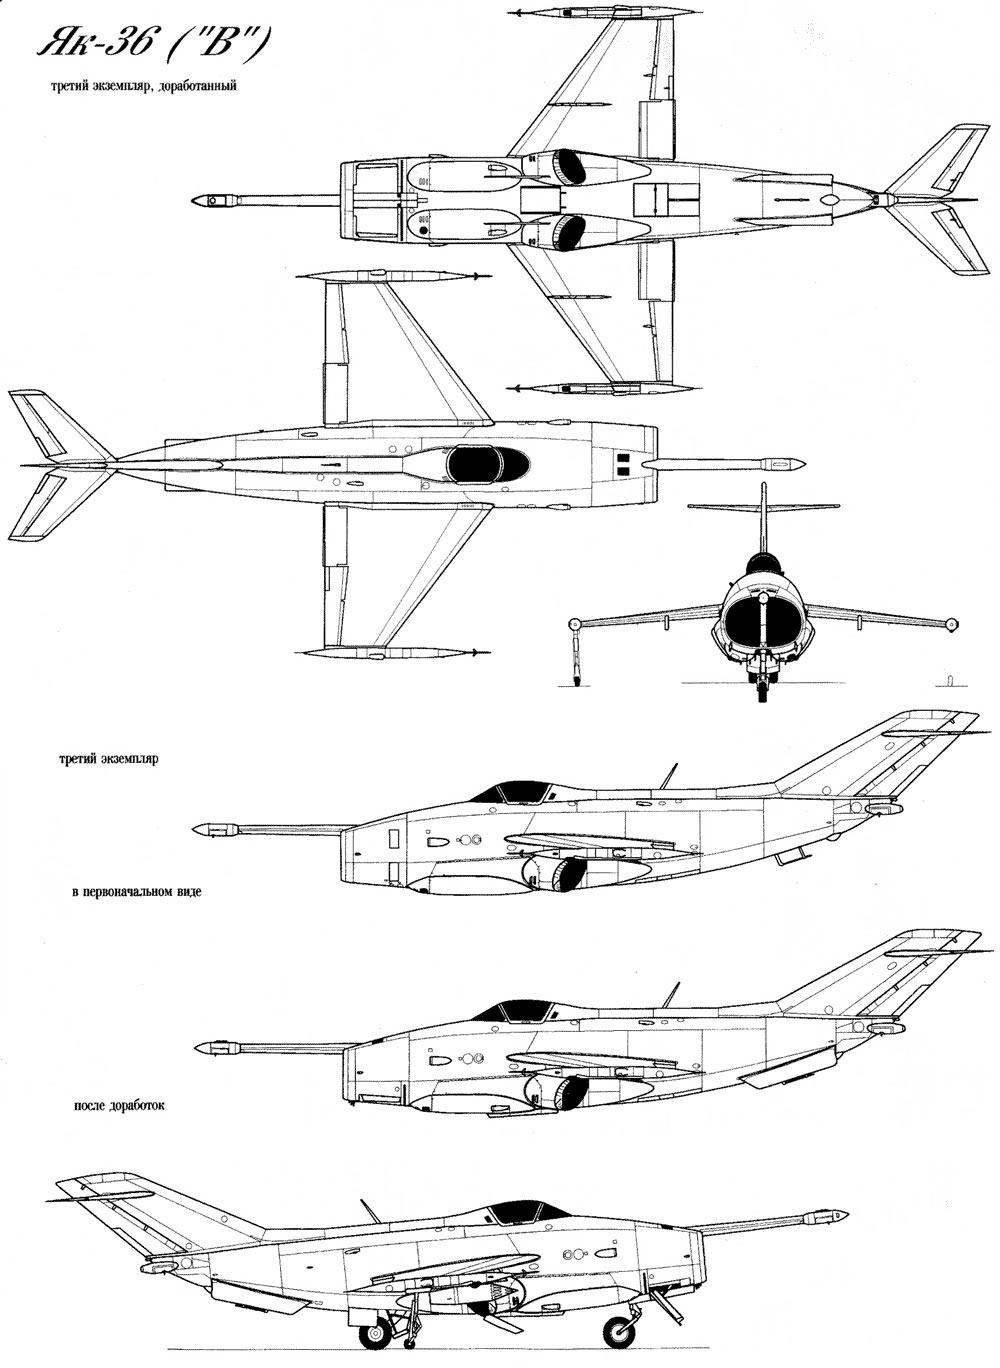 Чертеж штурмовика с вертикальным взлетом Як-36